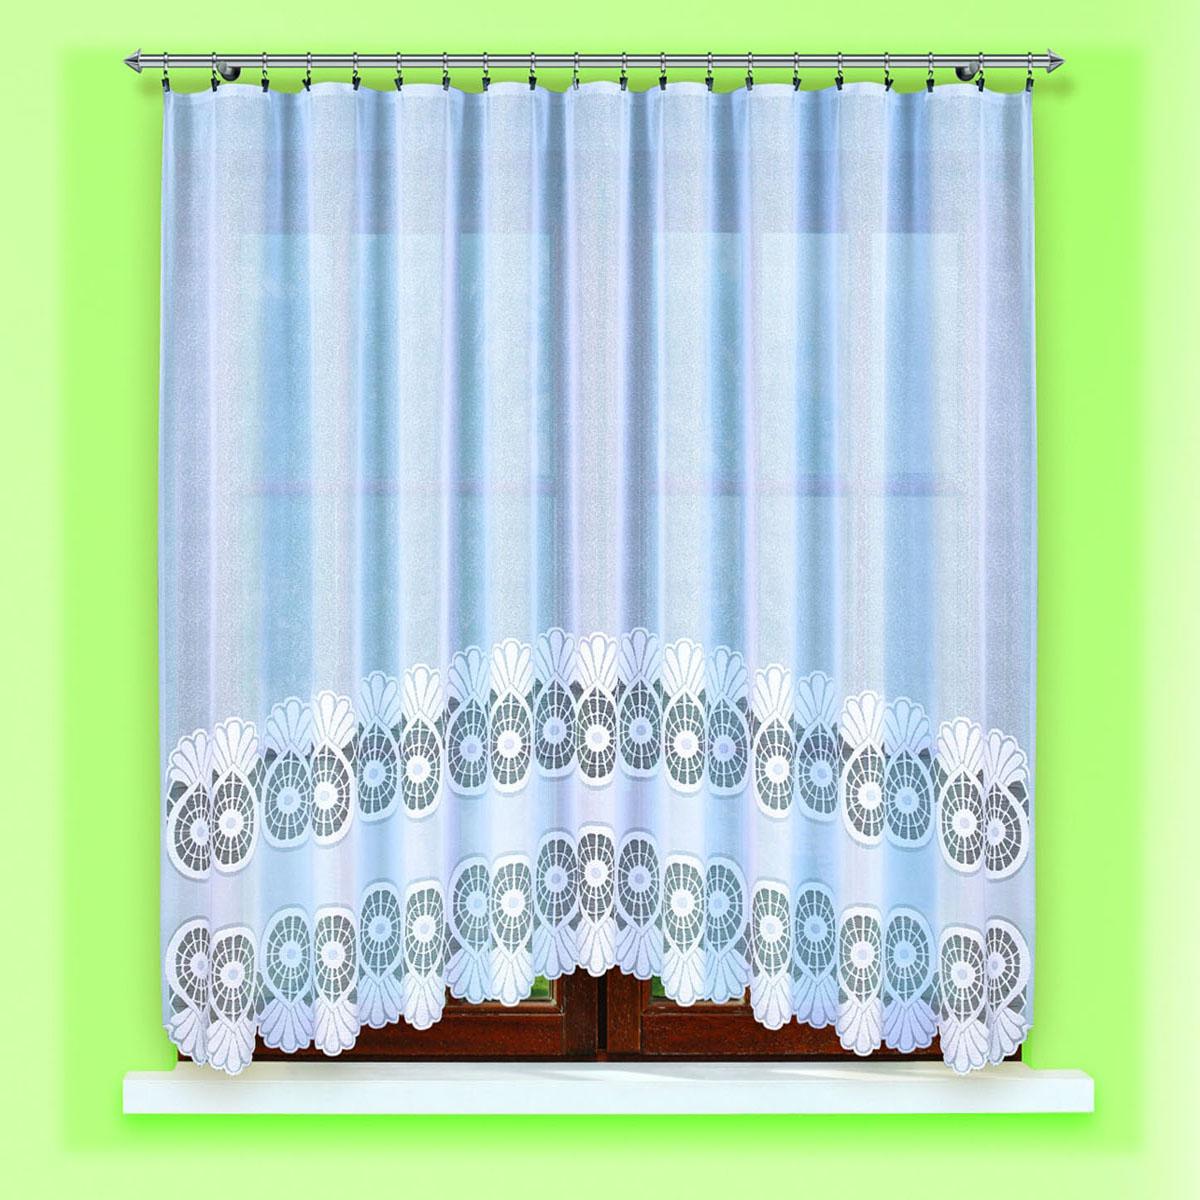 Гардина Haft, цвет: белый, ширина 300 см, высота 150 см. 46960/15004398-ШП-ГБ-001жаккардовая гардидна в кухню белого цветаРазмеры: высота150см*ширина 300см